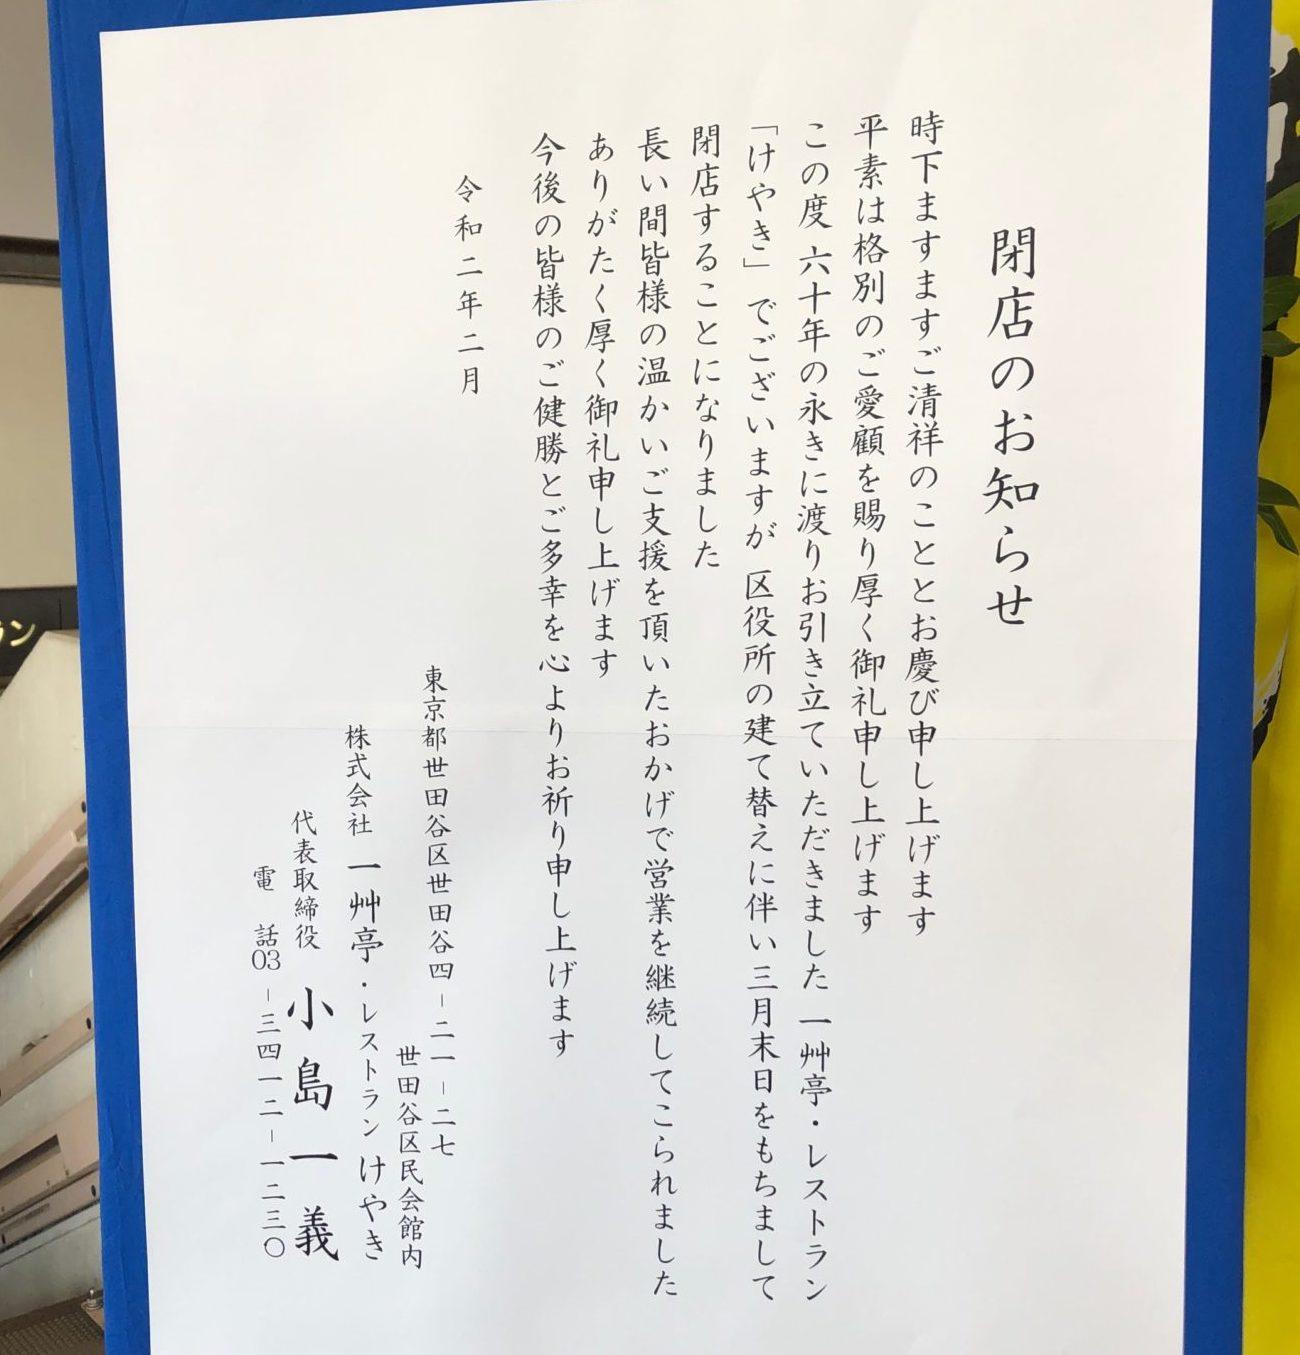 世田谷区民会館内にあるレストランけやき 閉店のお知らせ